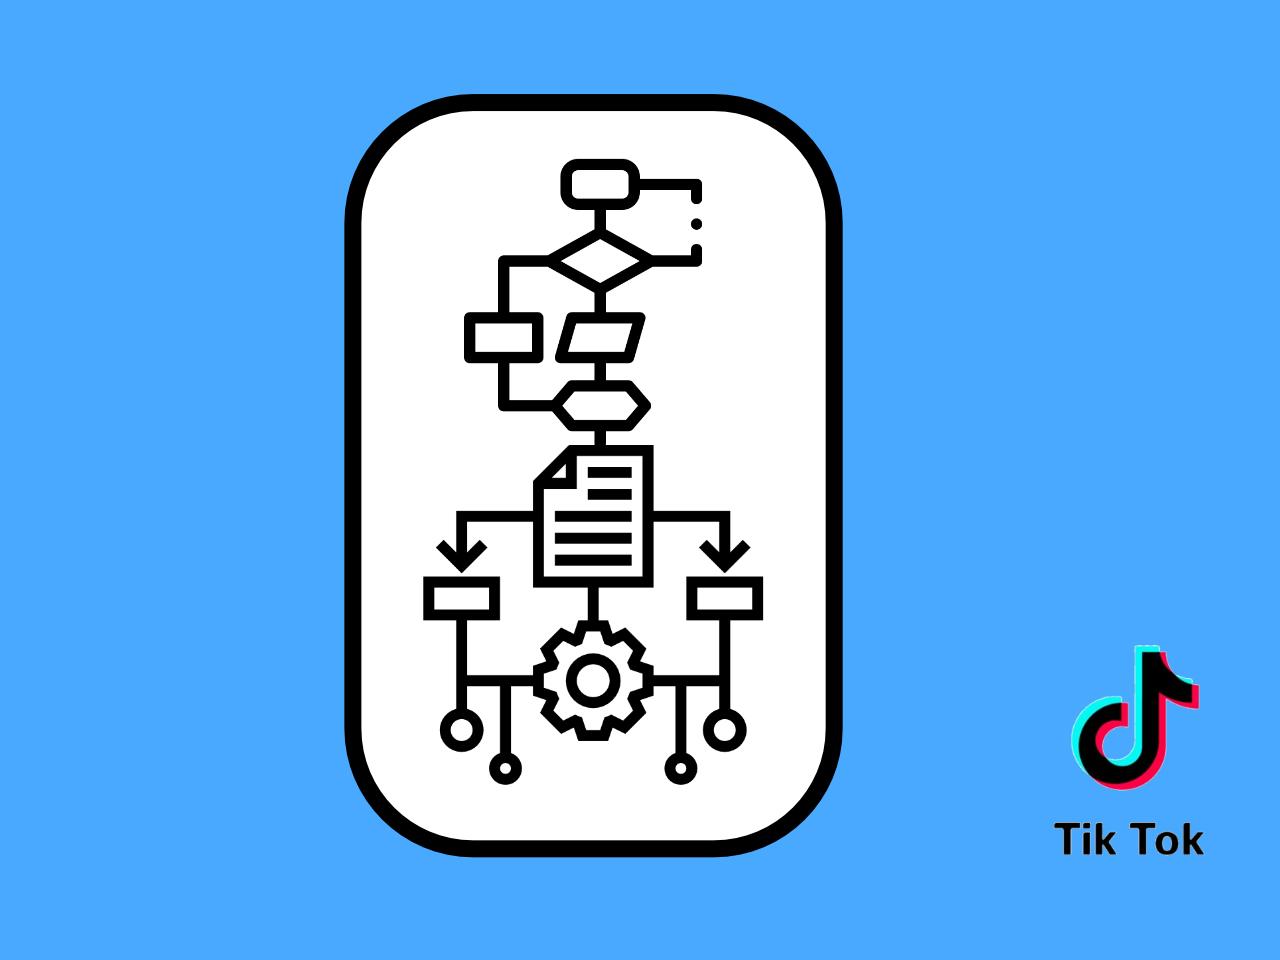 Algoritme van TikTok - IN ZICHT Marketing